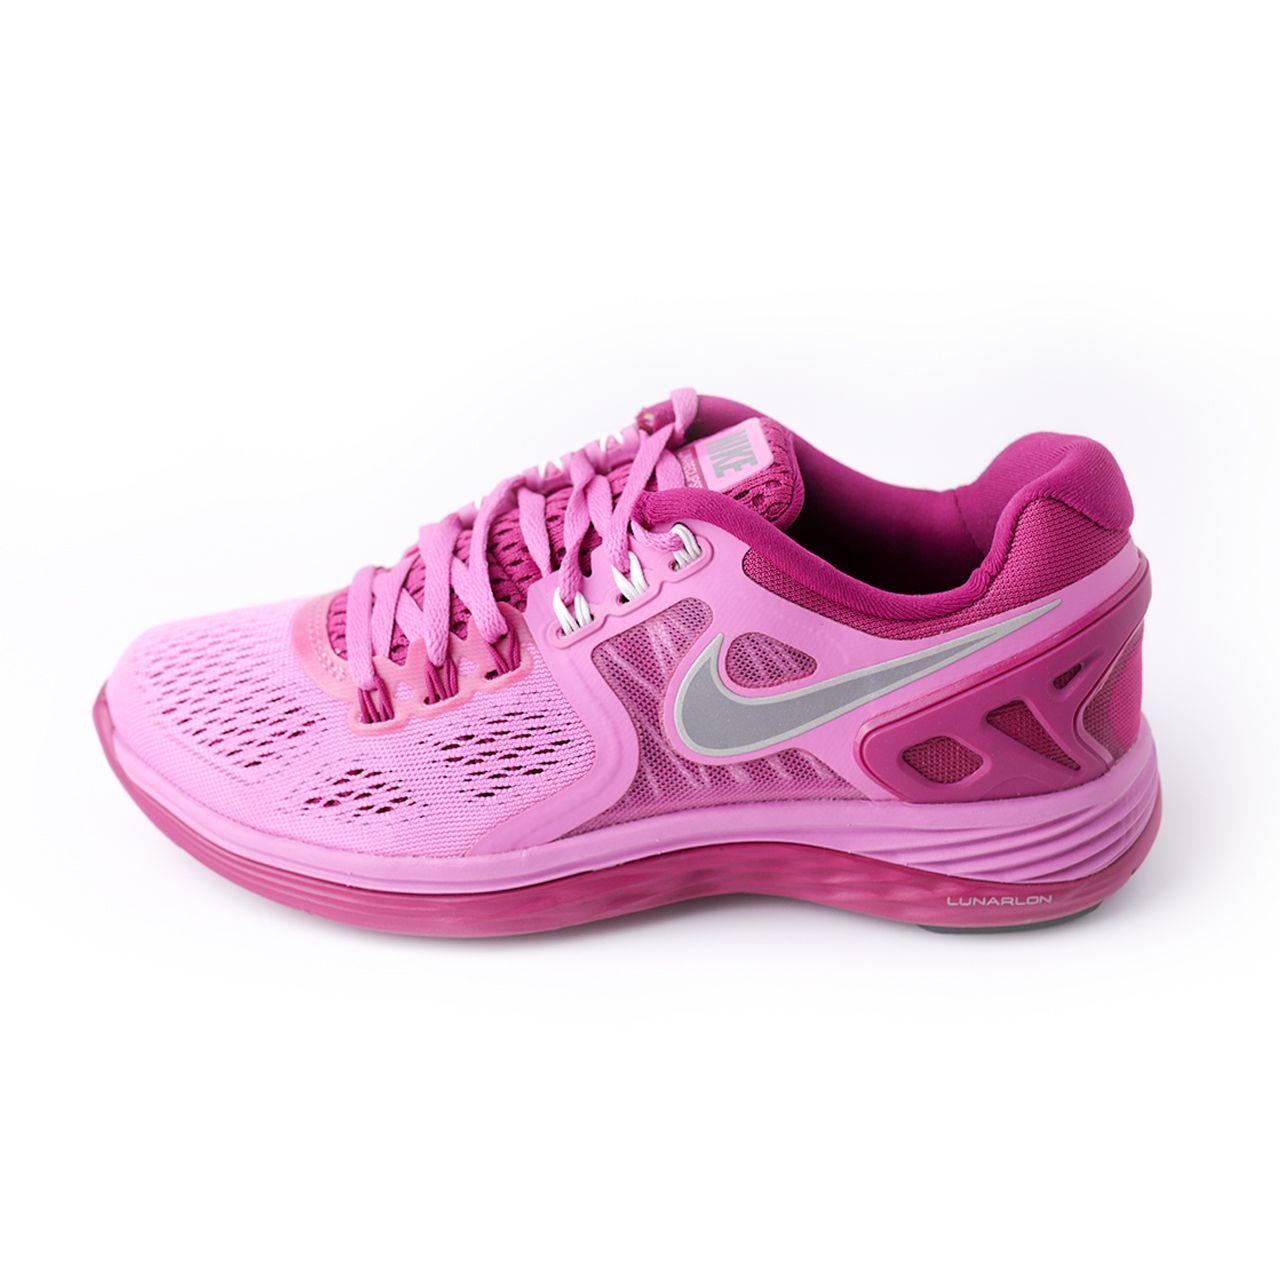 کفش تمرین دخترانه نایکی مدل lunarlon